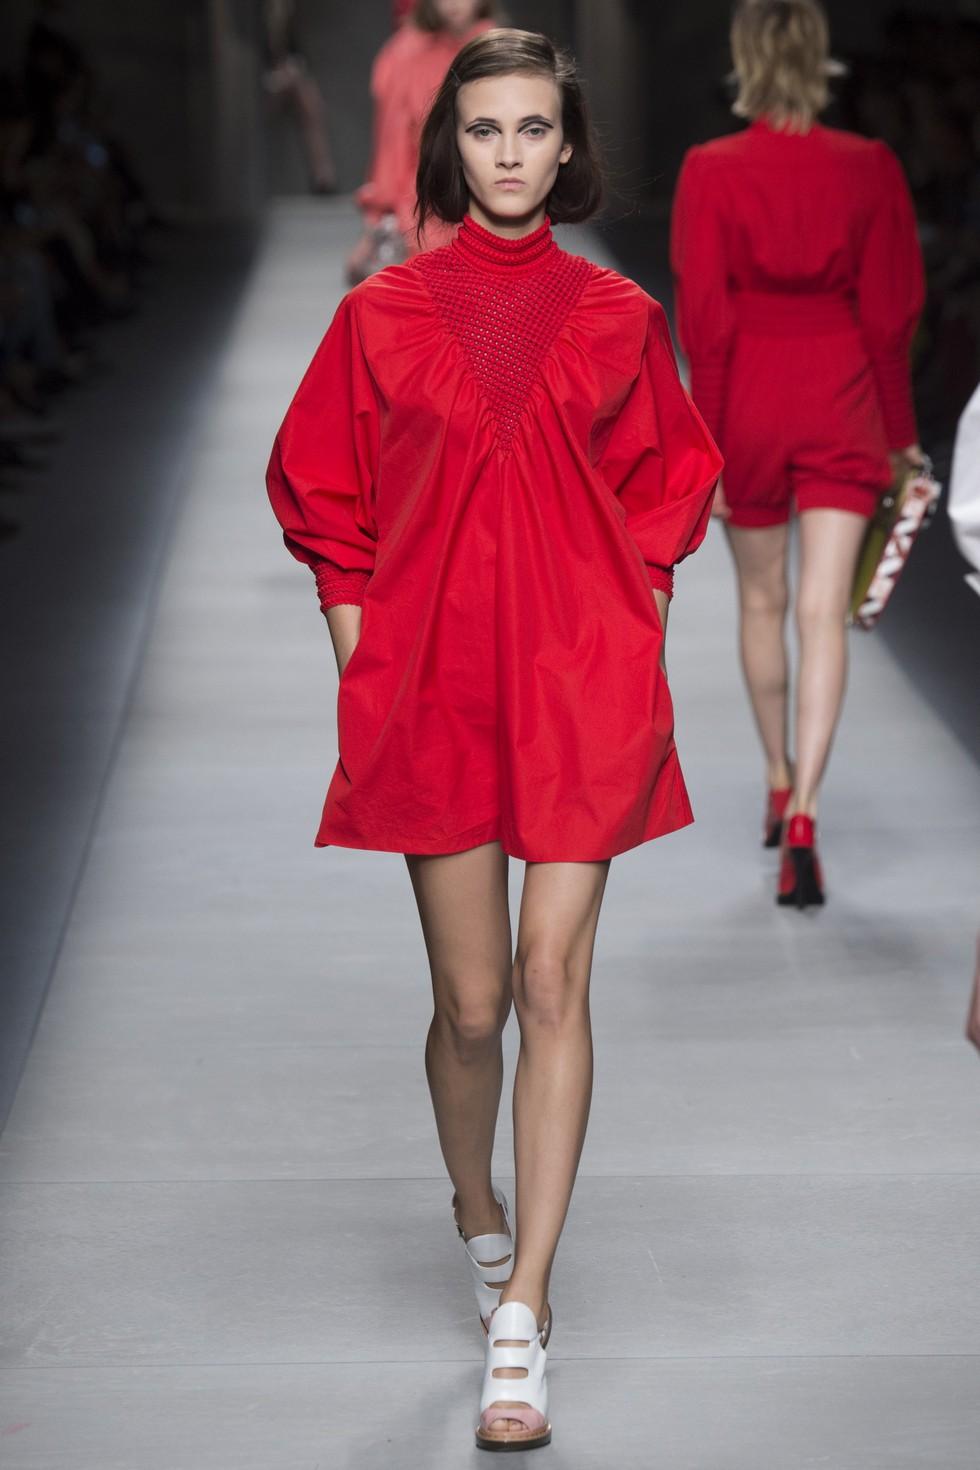 Milan Fashion Week 2016 Spring Summer News Day two best moments-Fendi Milan Fashion Week 2016 Spring Summer News: Day two best moments Milan Fashion Week 2016 Spring Summer News: Day two best moments Milan Fashion Week 2016 Spring Summer News Day two best moments Fendi 1